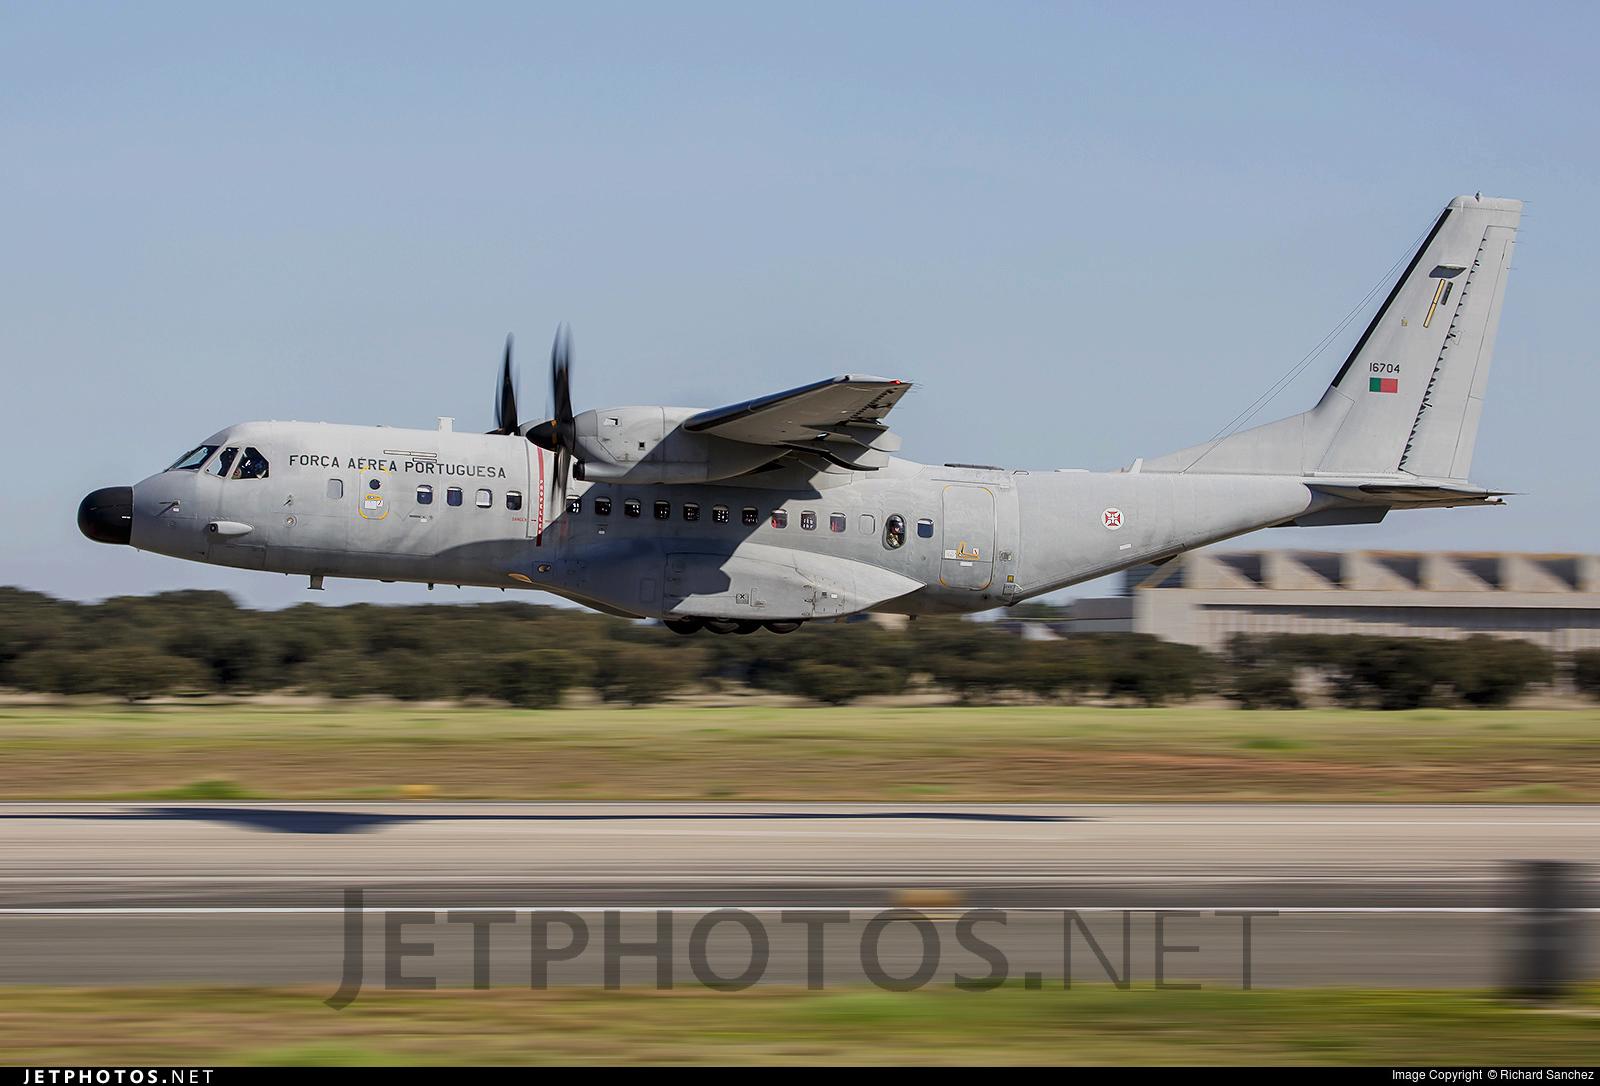 16704 - CASA C-295M - Portugal - Air Force